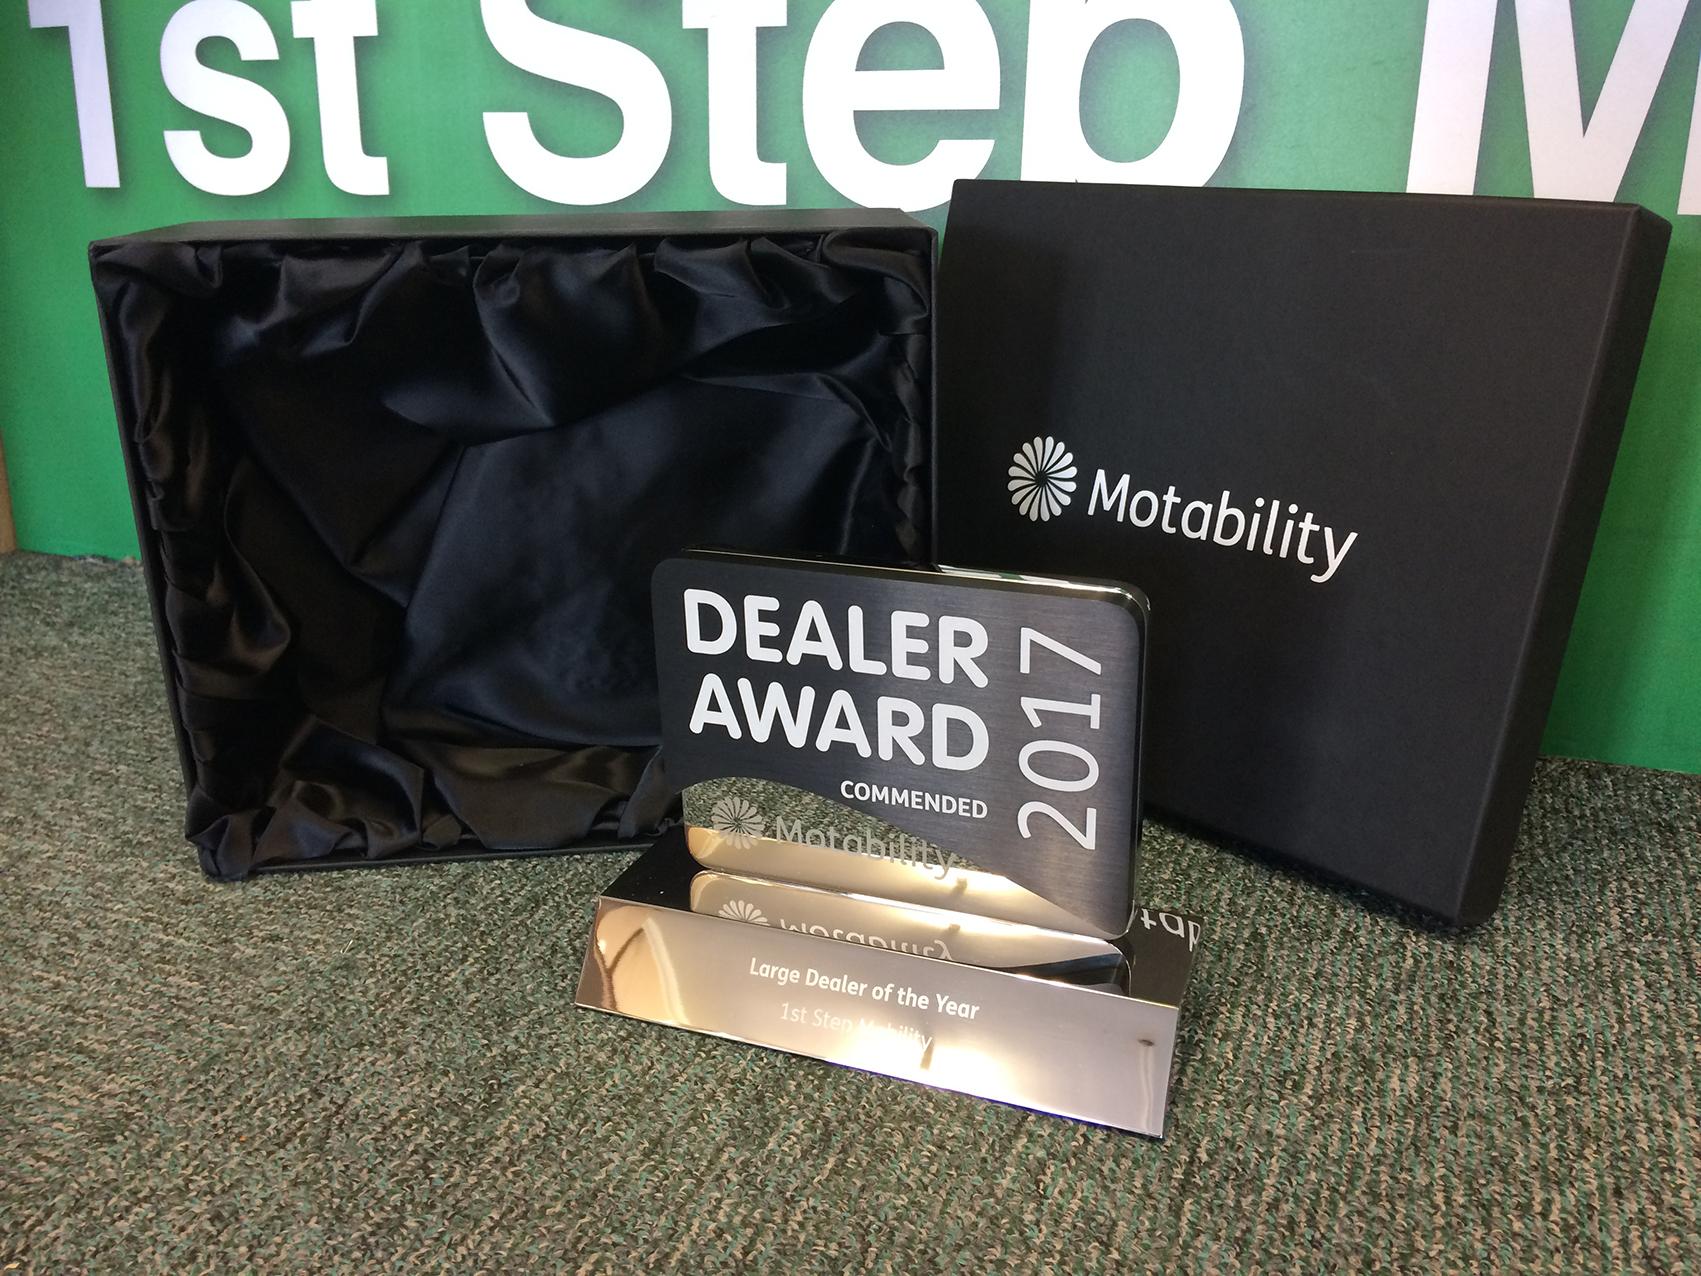 Dealer award on display